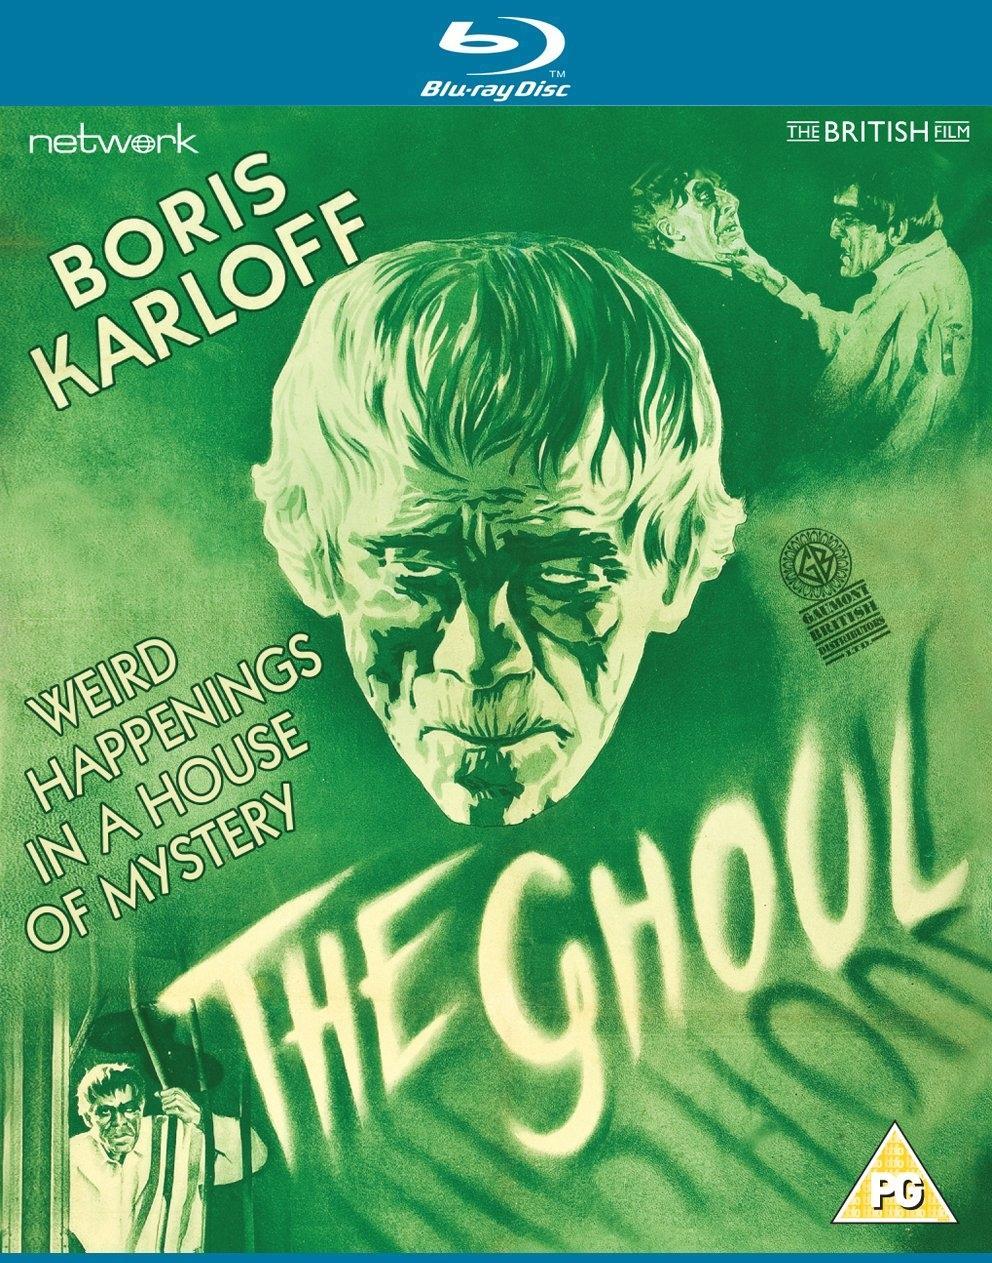 《THE GHOUL》同名电影,由恐怖巨星Boris Karloff主演。